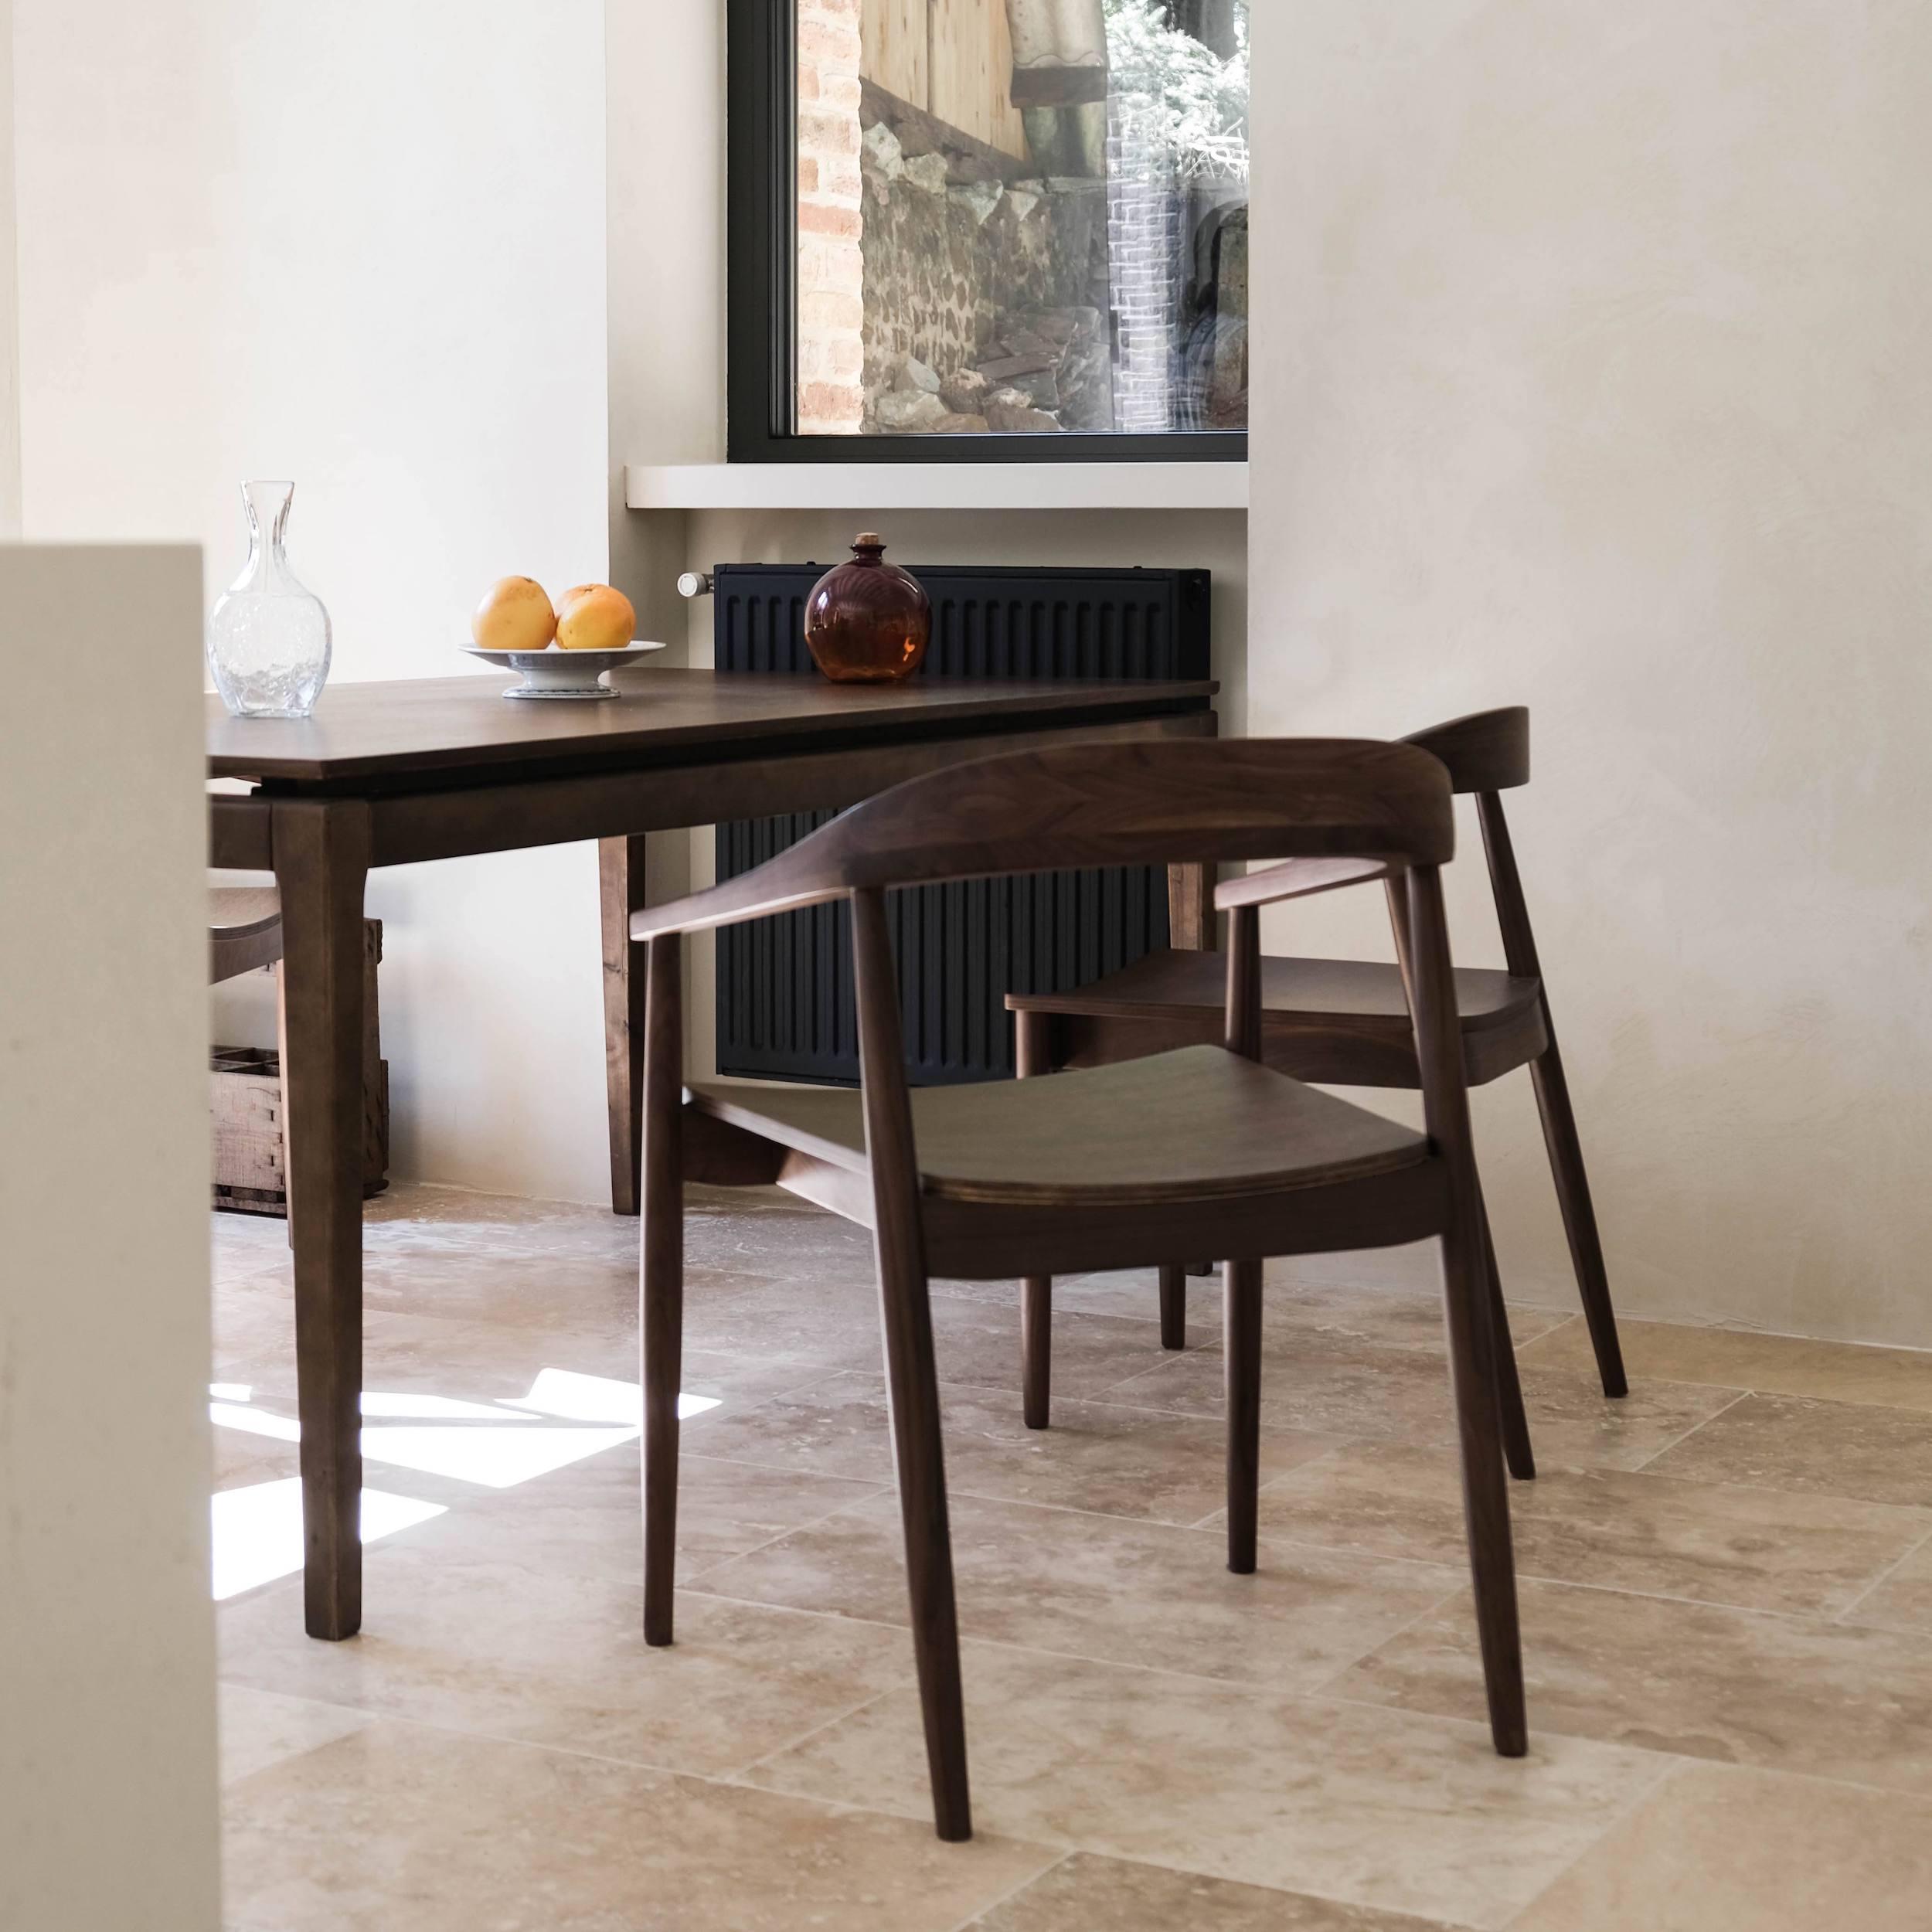 fauteuil cuisine maison vgl